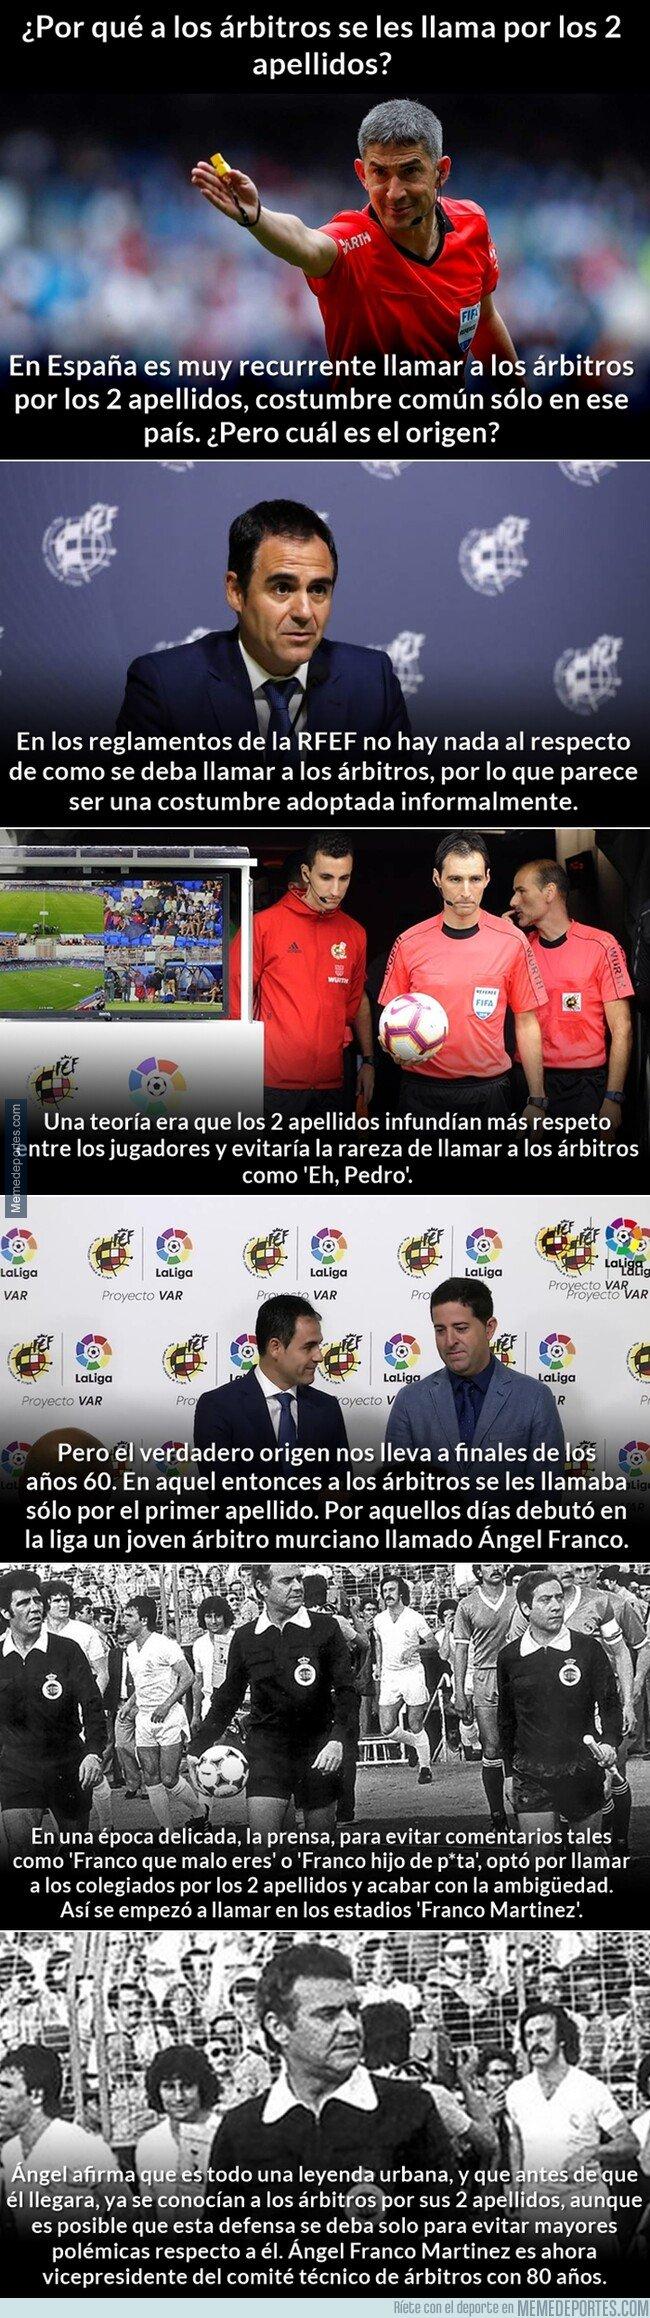 1087906 - ¿Por qué en España llaman a los árbitros por los dos apellidos?